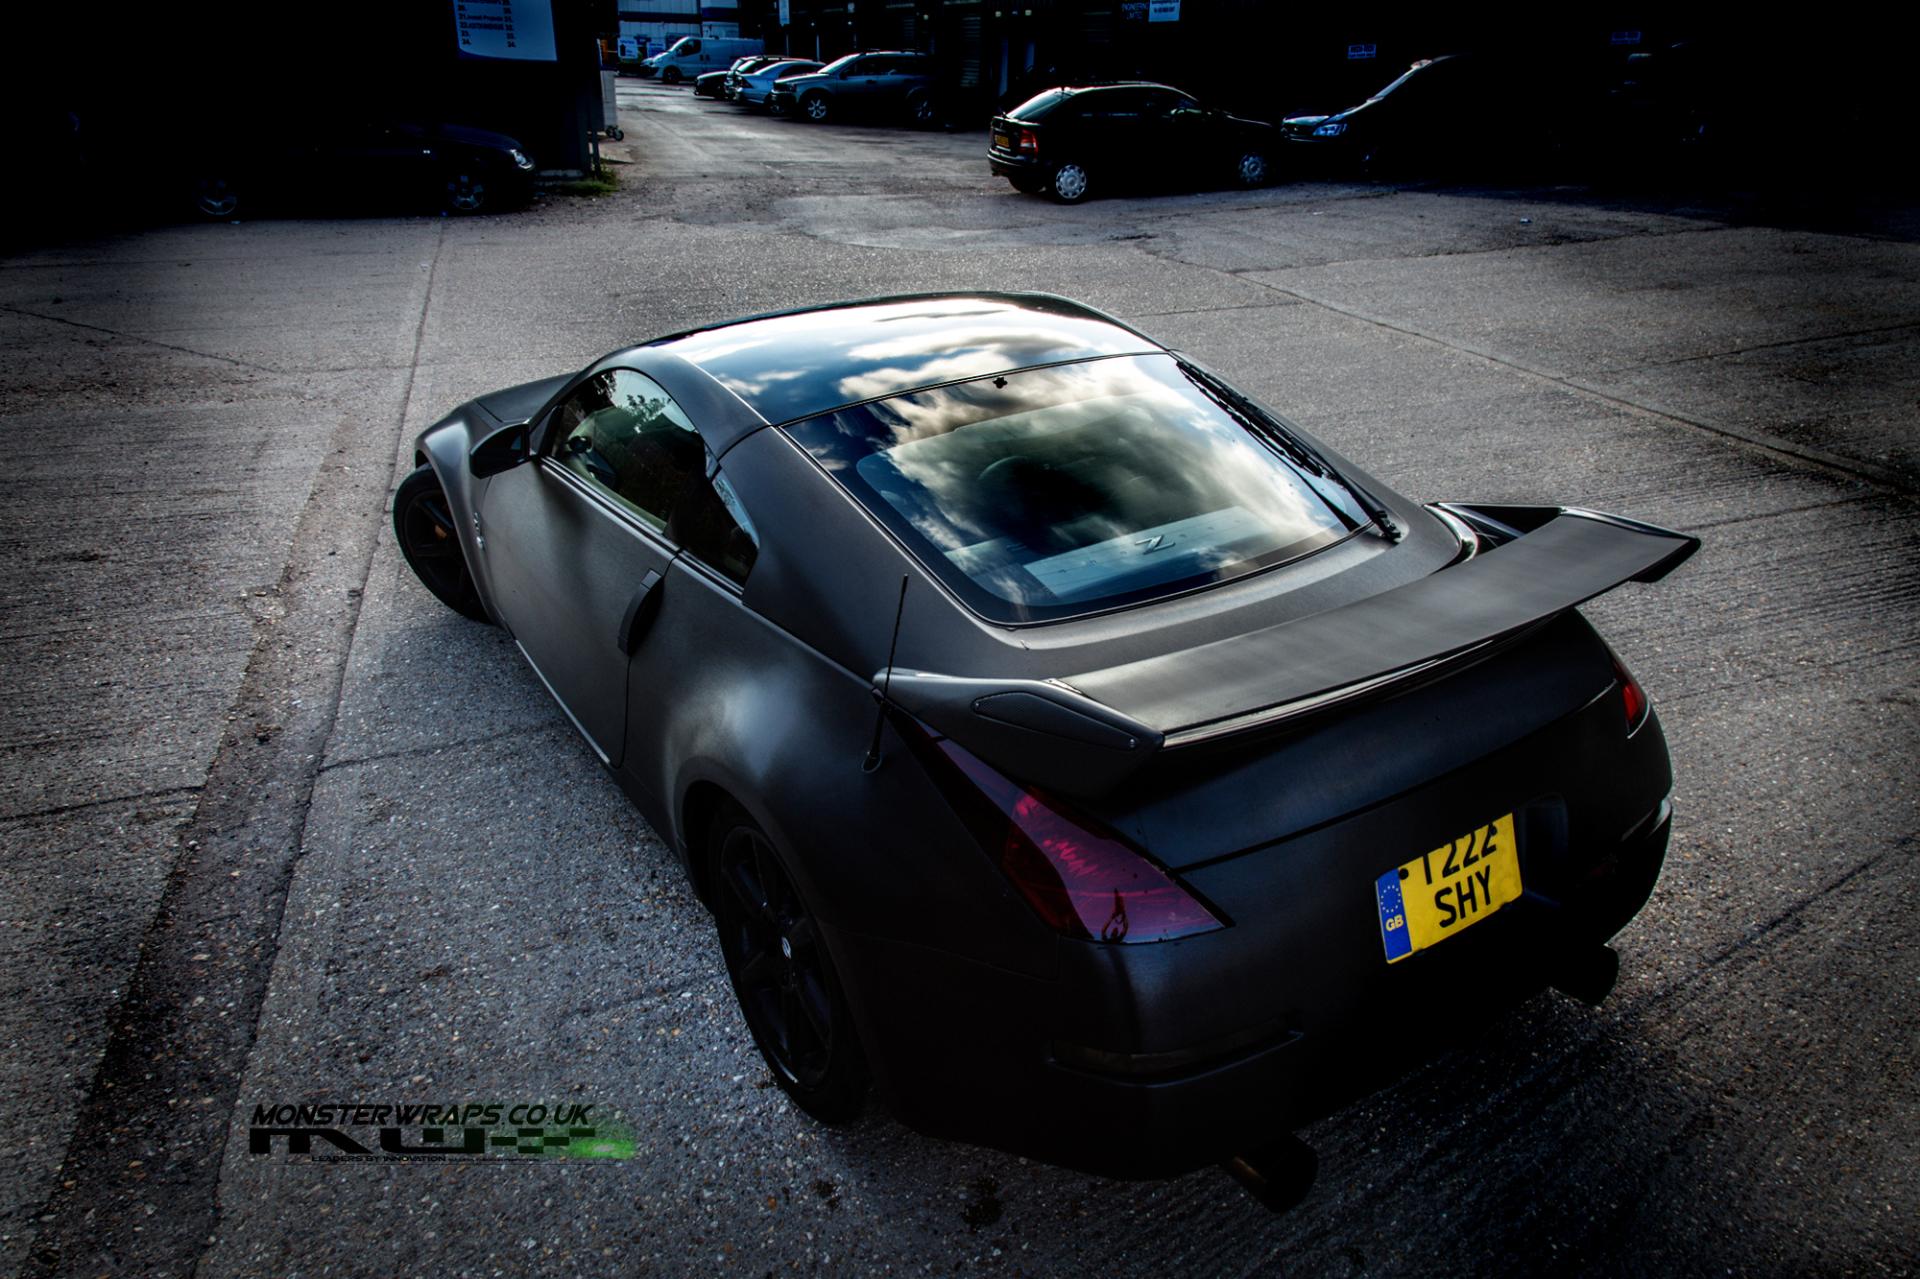 Nissan 350Z 3M Black Brushed metallic wrap 3M Monsterwraps car wrap